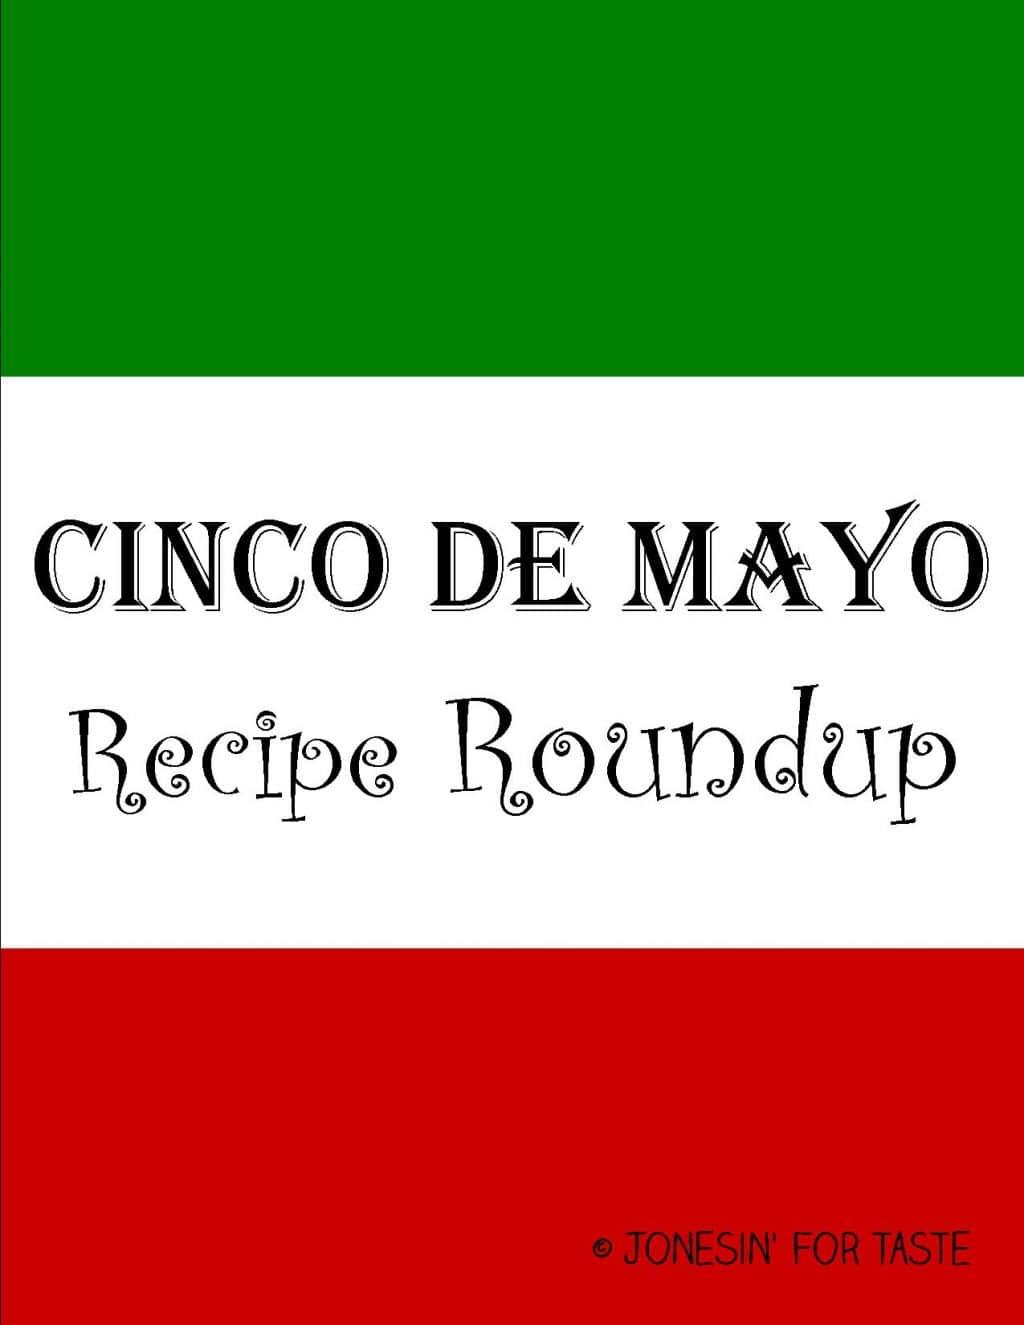 Fabulous Friday- Cinco De Mayo Recipe Roundup